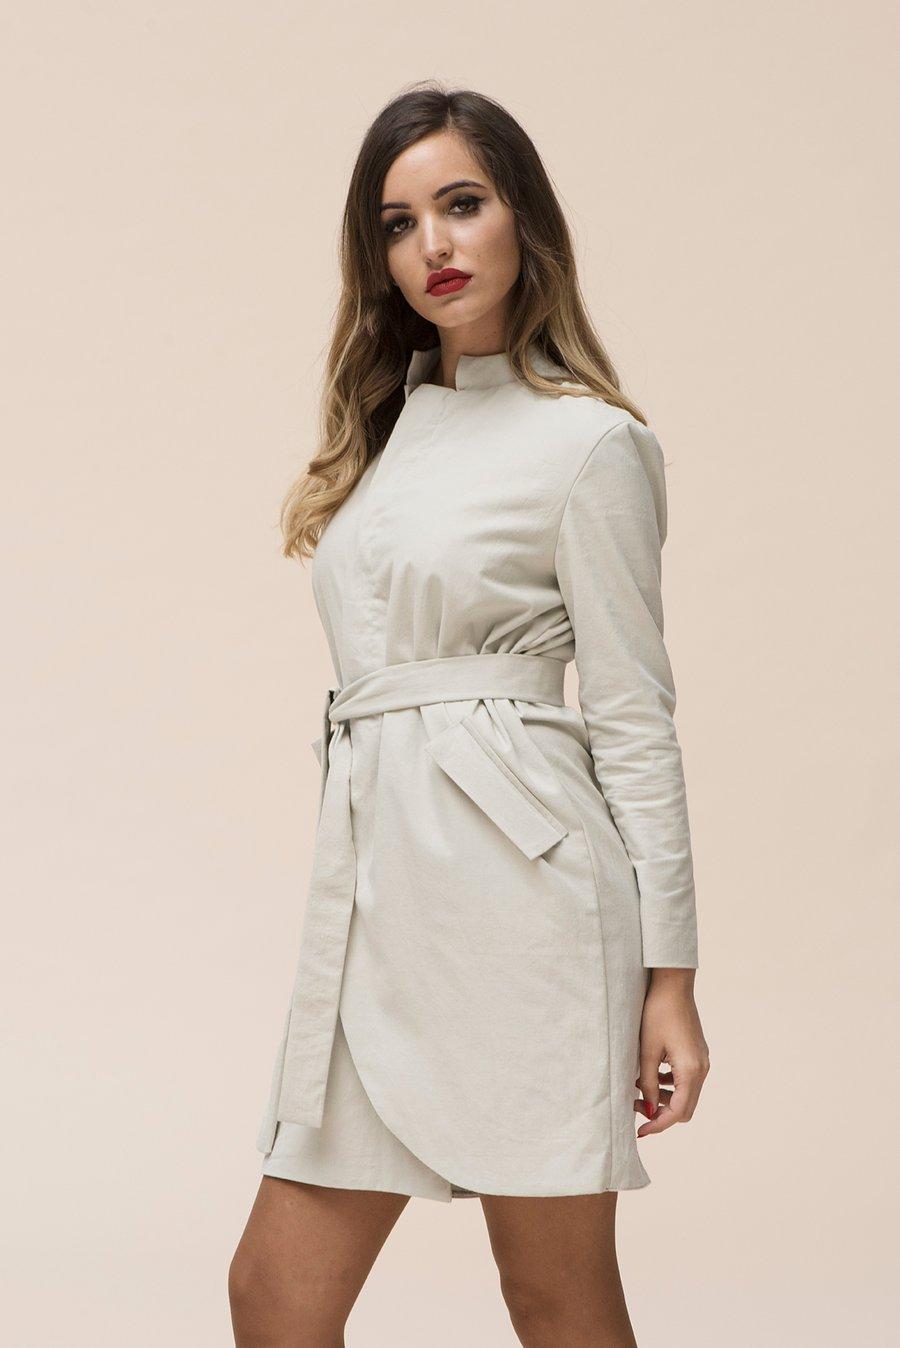 acf4e3f4da2e Blazers   EWIGEM - Moda femenina. Tops, Faldas, Vestidos, Blazers ...